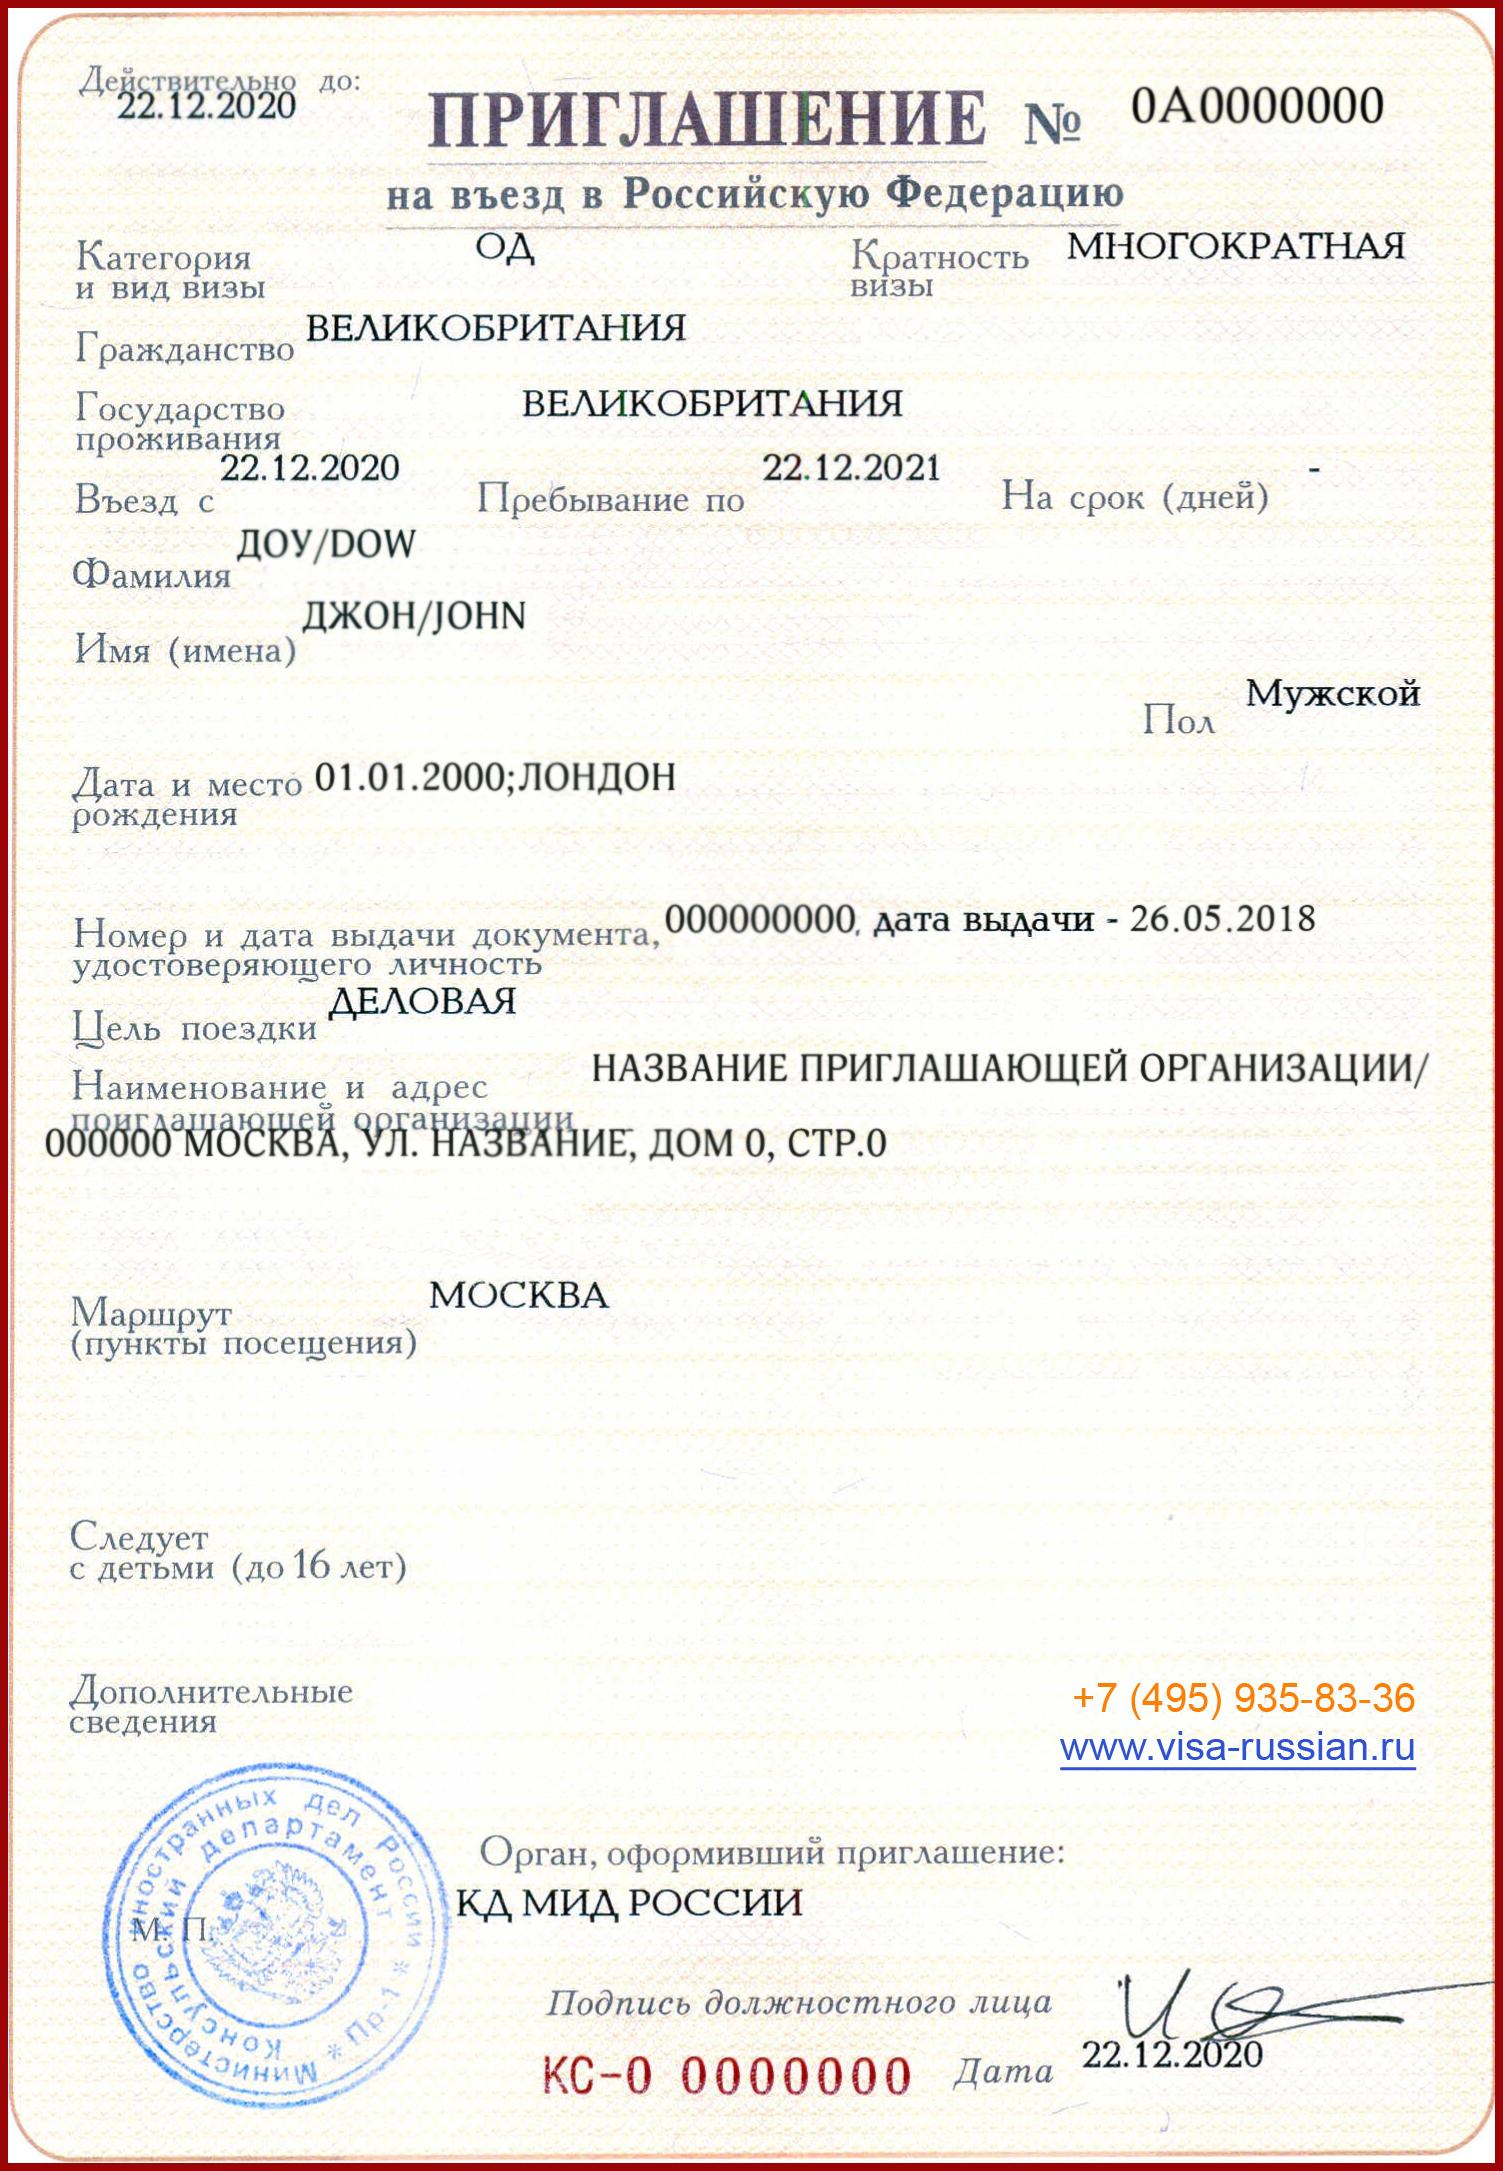 Как сделать приглашение физическим лицом для иностранца в россию